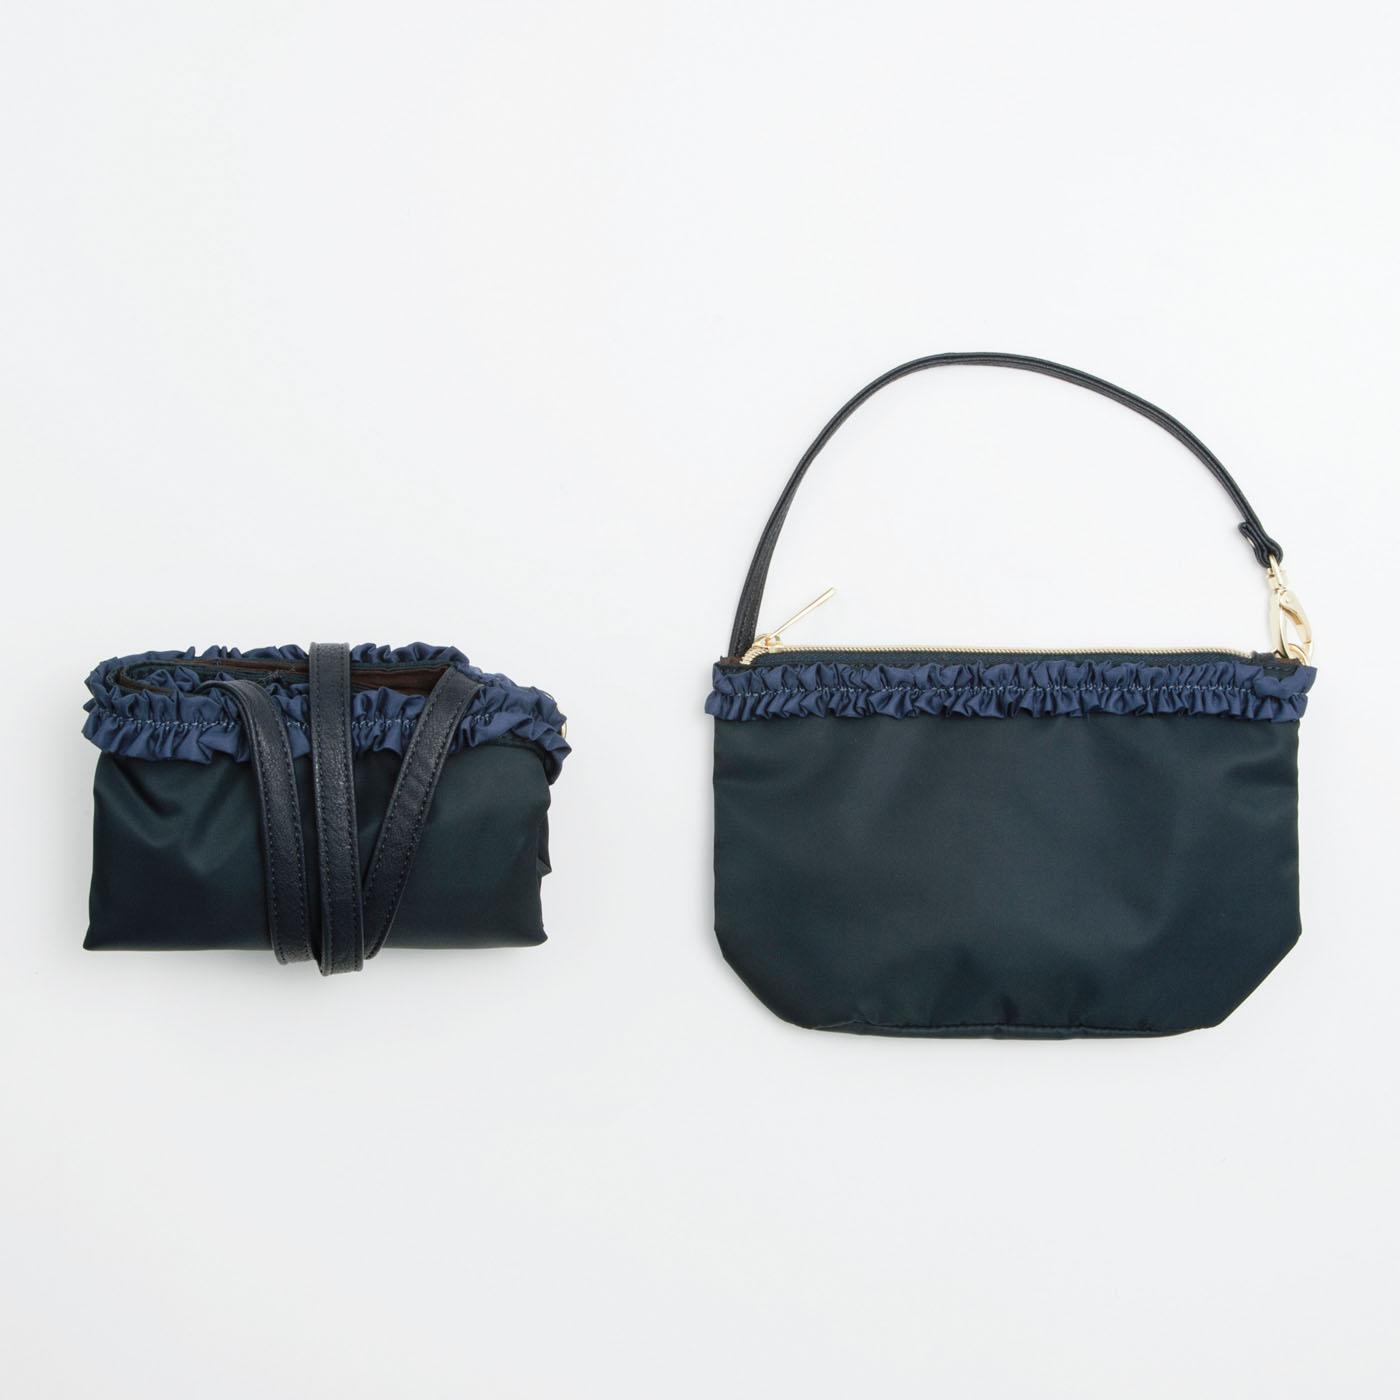 バッグをたたむとポーチに収納できます。ポーチ金具の片側は取り外し可。